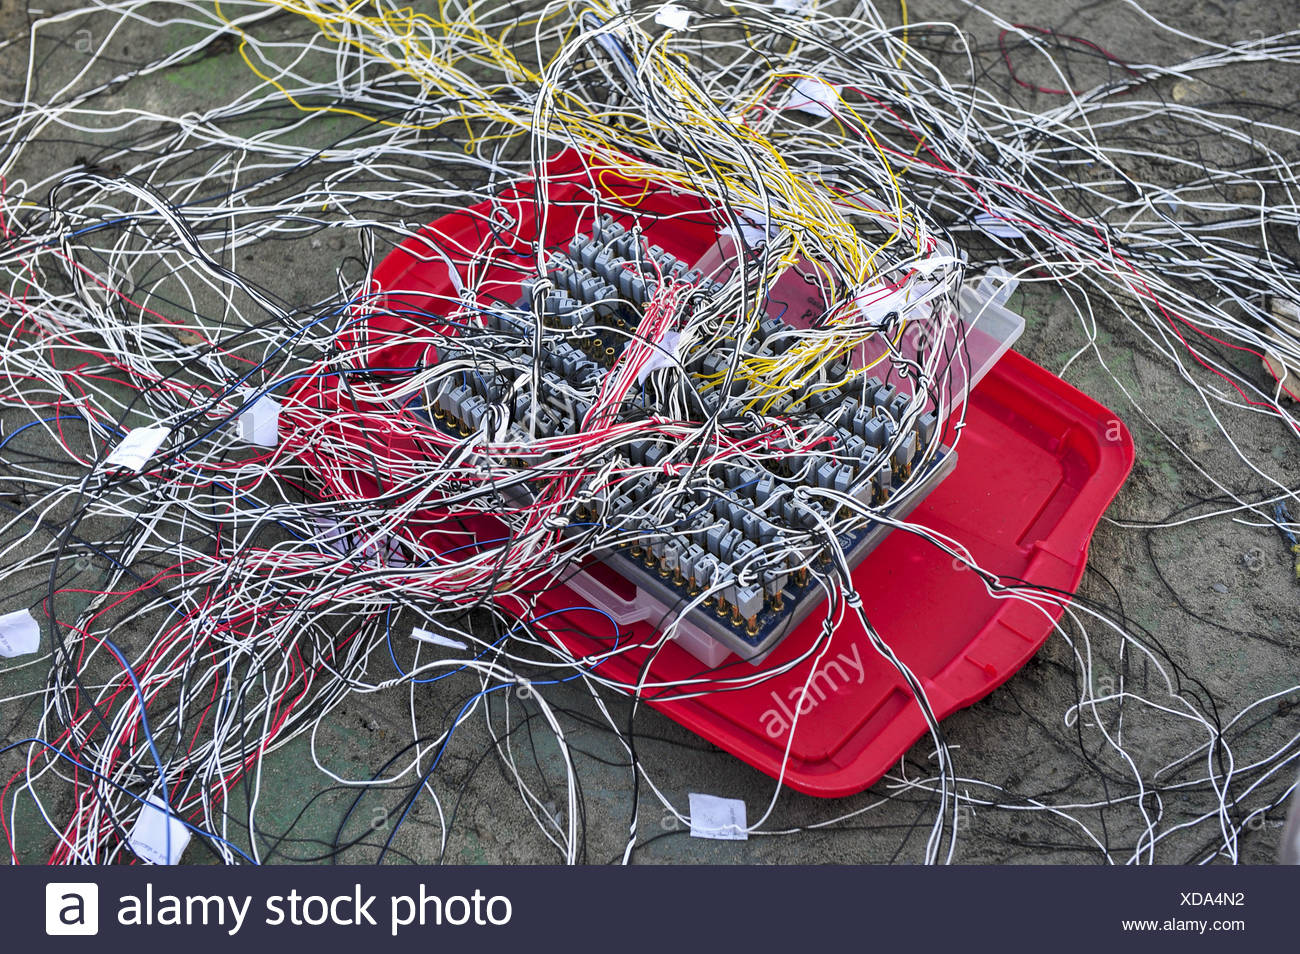 Zündverteiler für Feuerwerk, Pyrotechnik - Stock Image